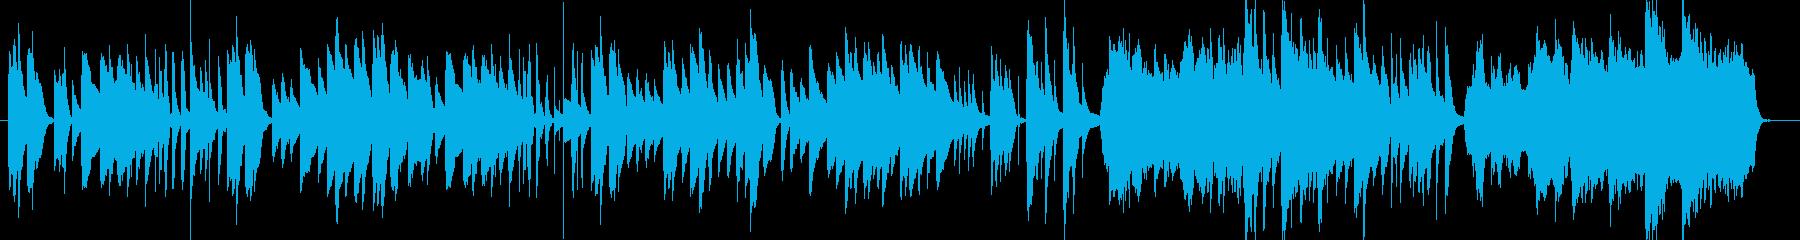 日常のコミカルな場面向けピアノBGMの再生済みの波形